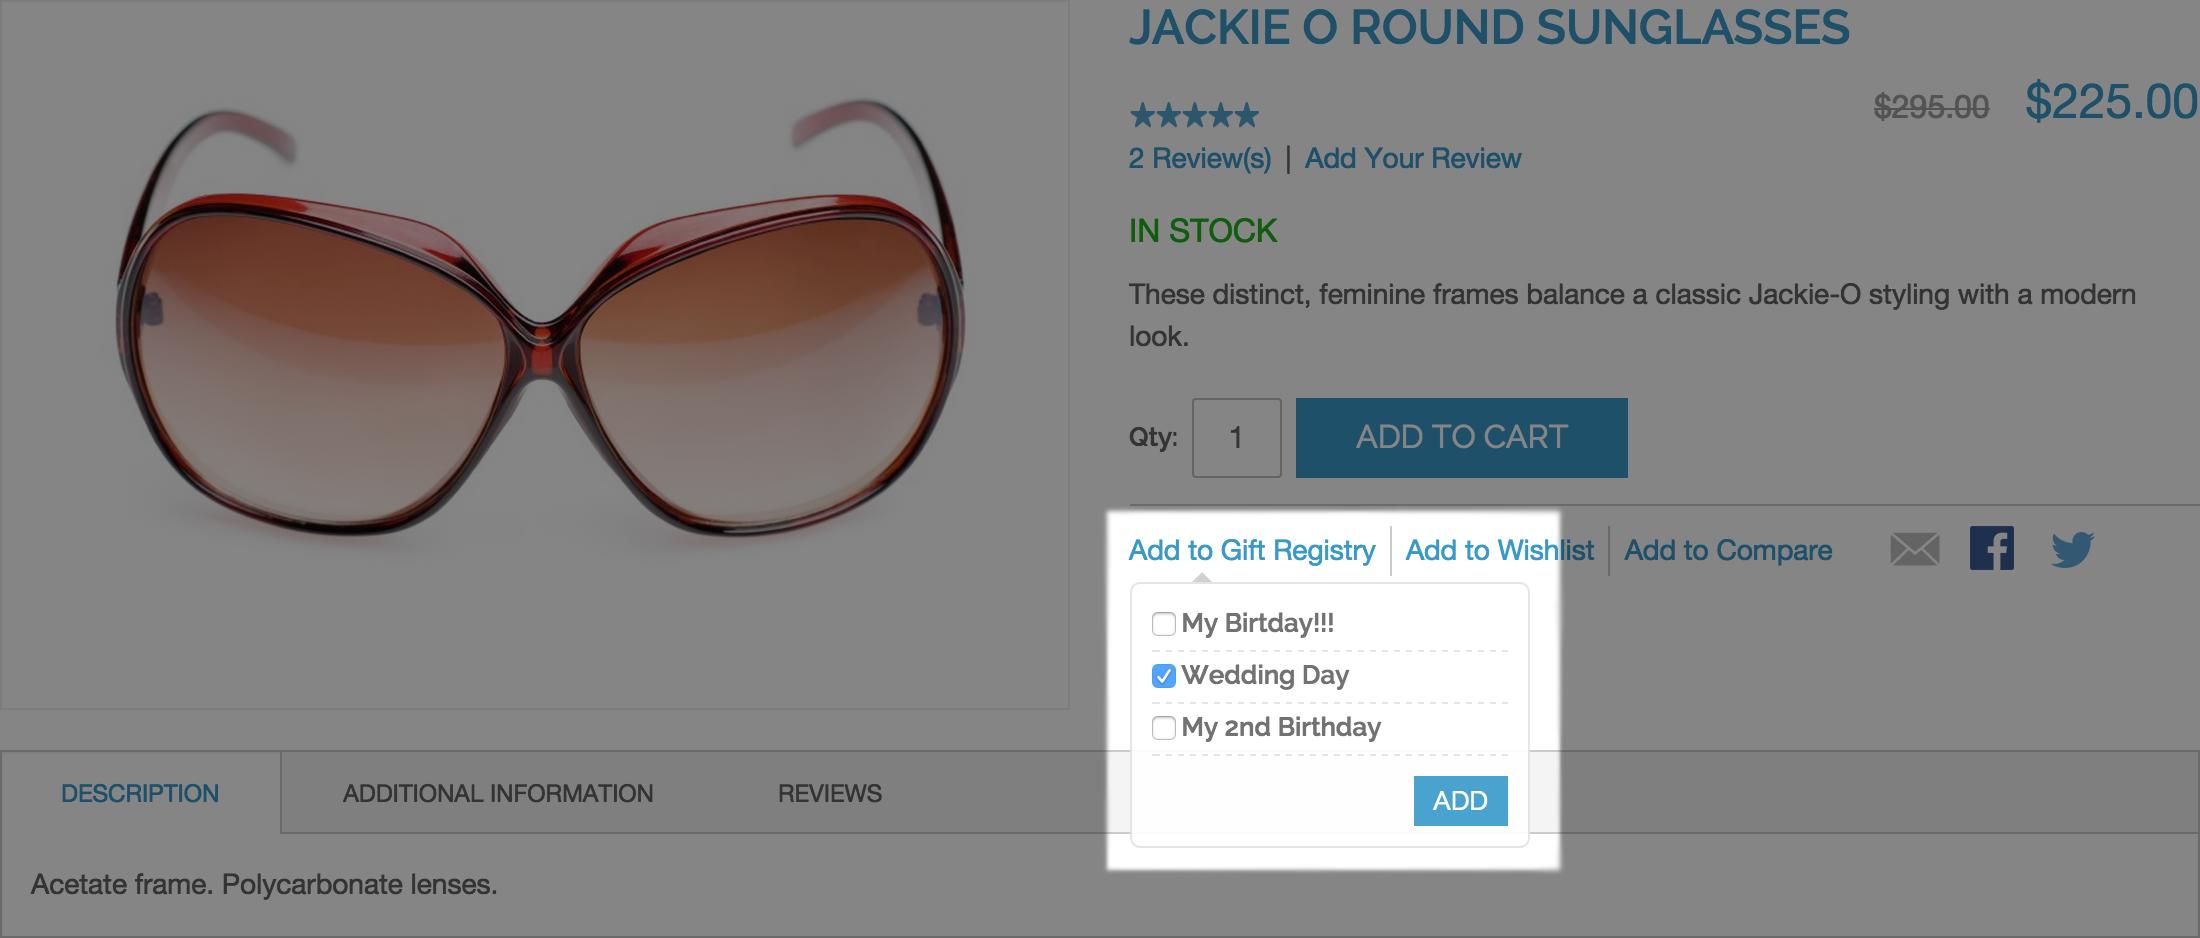 Add to Registry -  Gift Registry